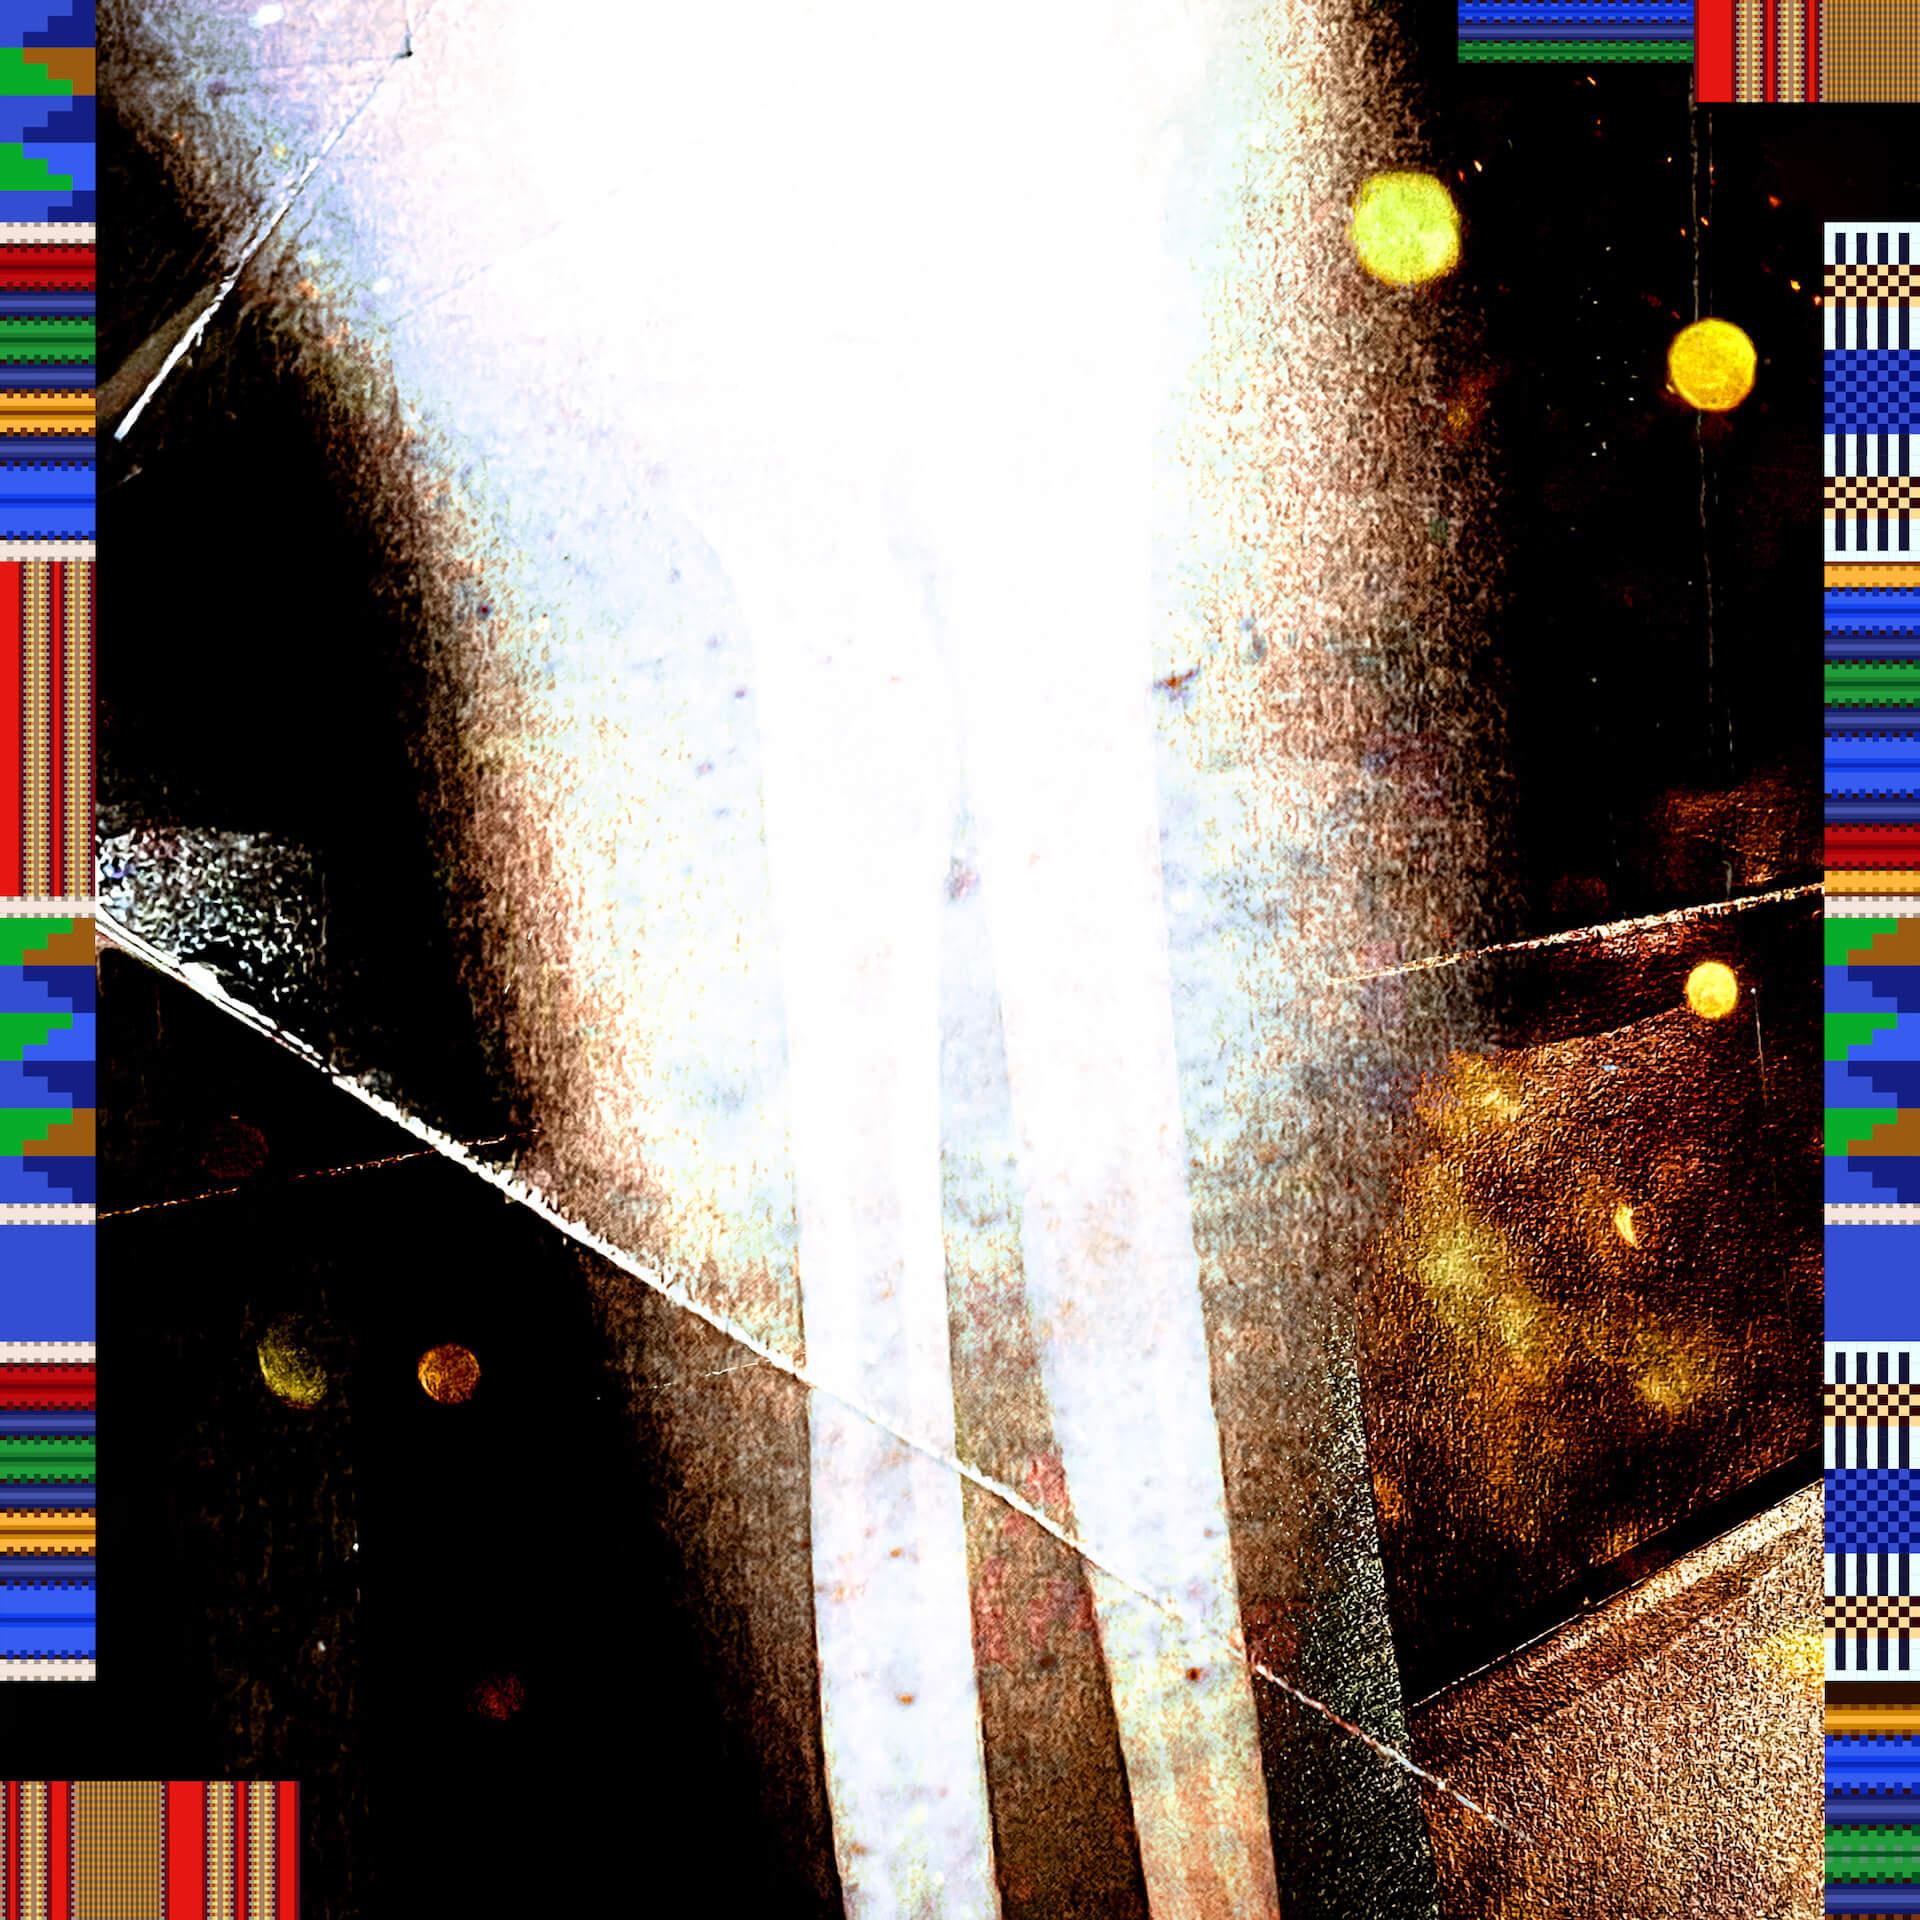 """cero待望のニューシングル""""Nemesis""""がデジタルリリース決定!ワンマンライブの配信チケットも発売中 music210805_cero_2"""